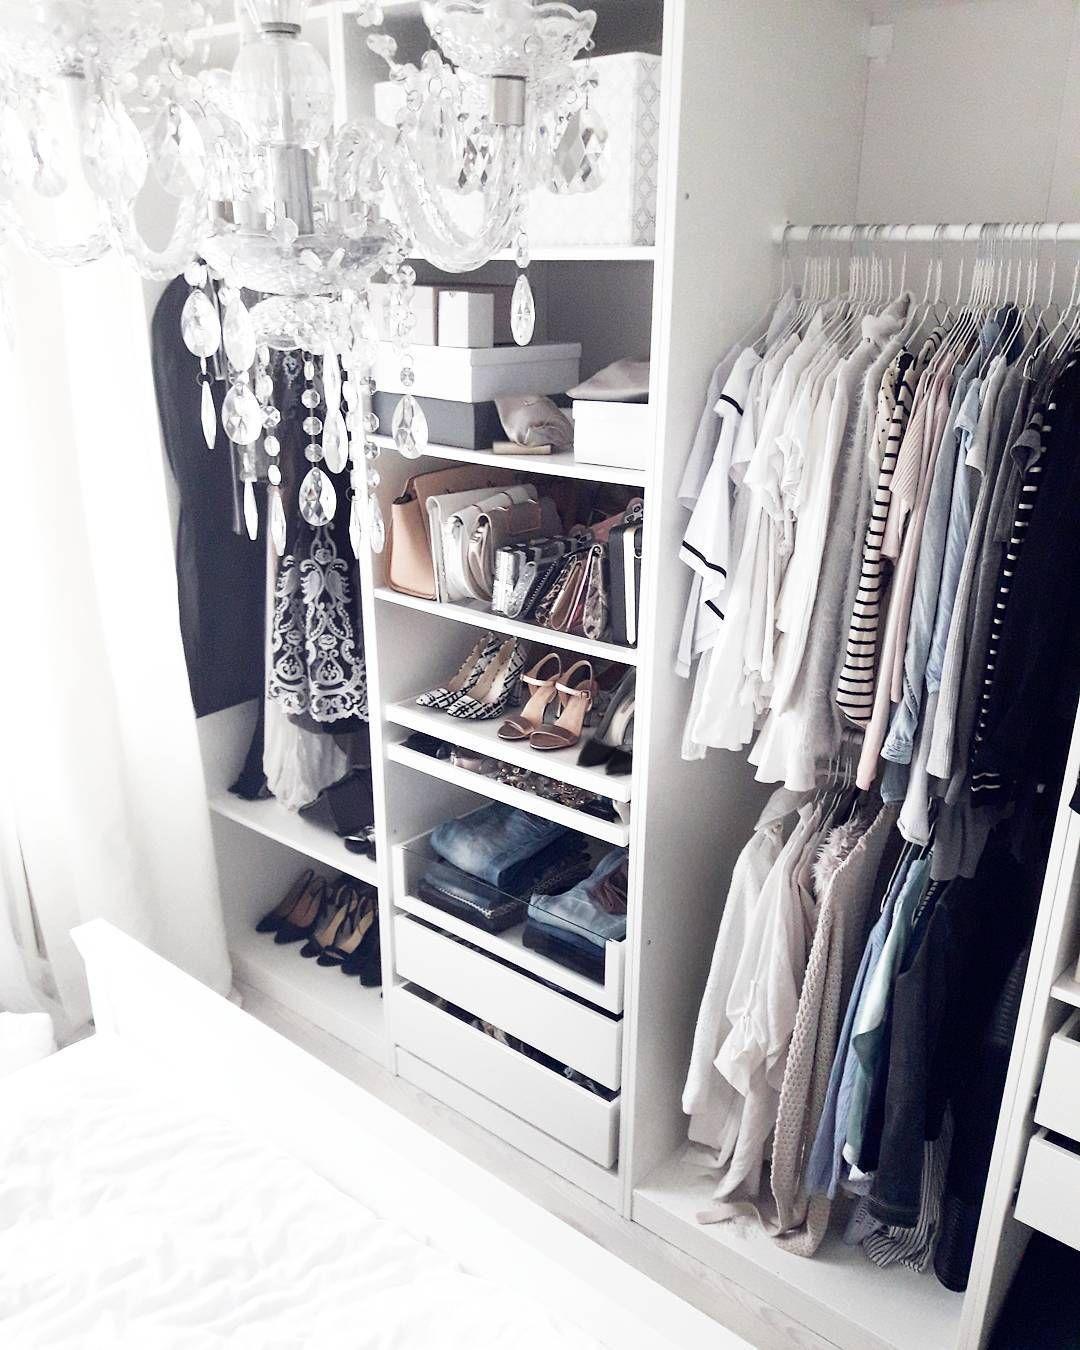 Instagram Ankleidezimmer Ankleide Zimmer Ankleide